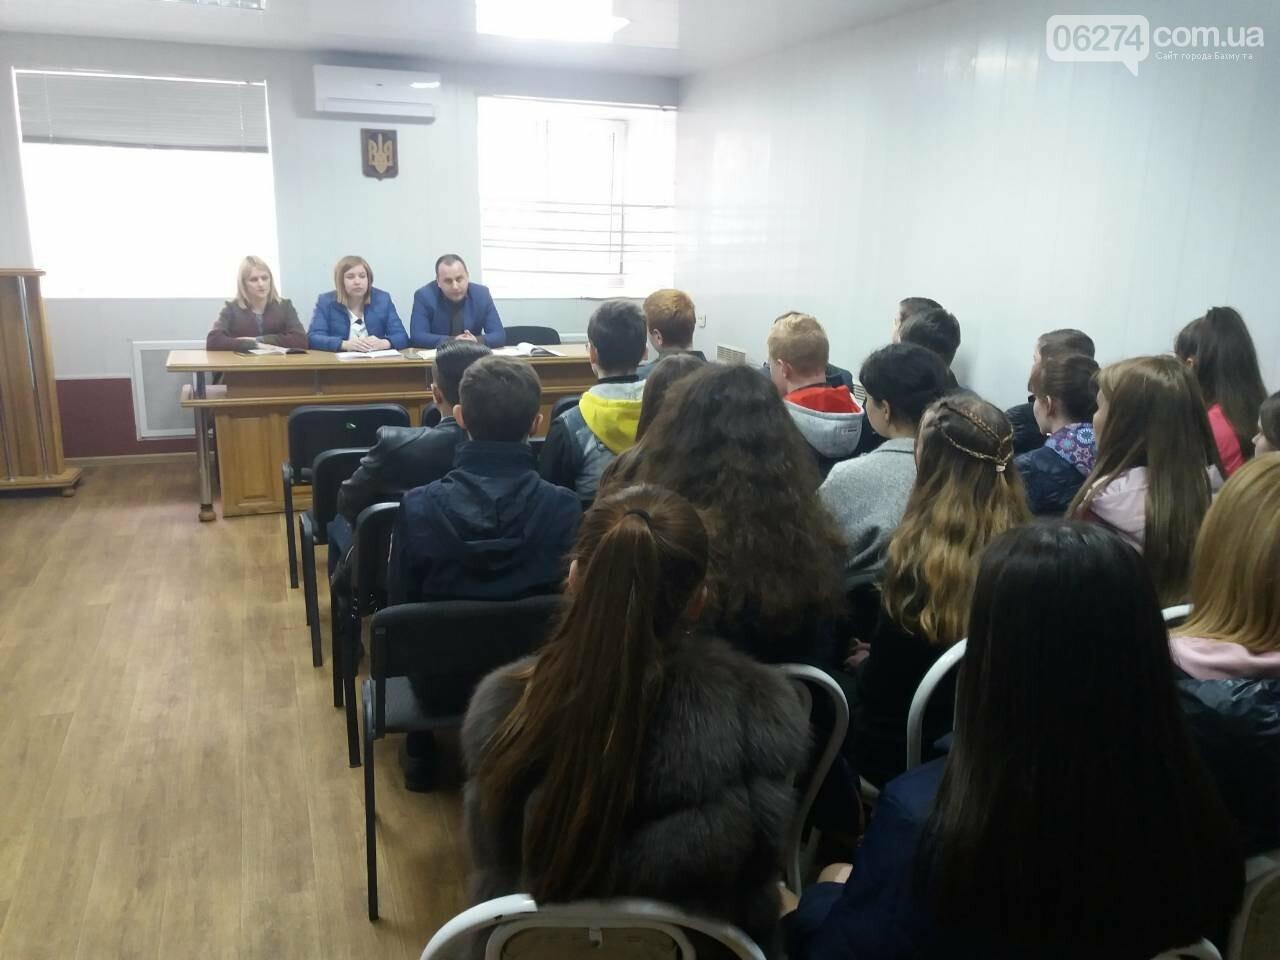 Школьники Бахмута узнали, чем занимаются прокуроры, фото-1